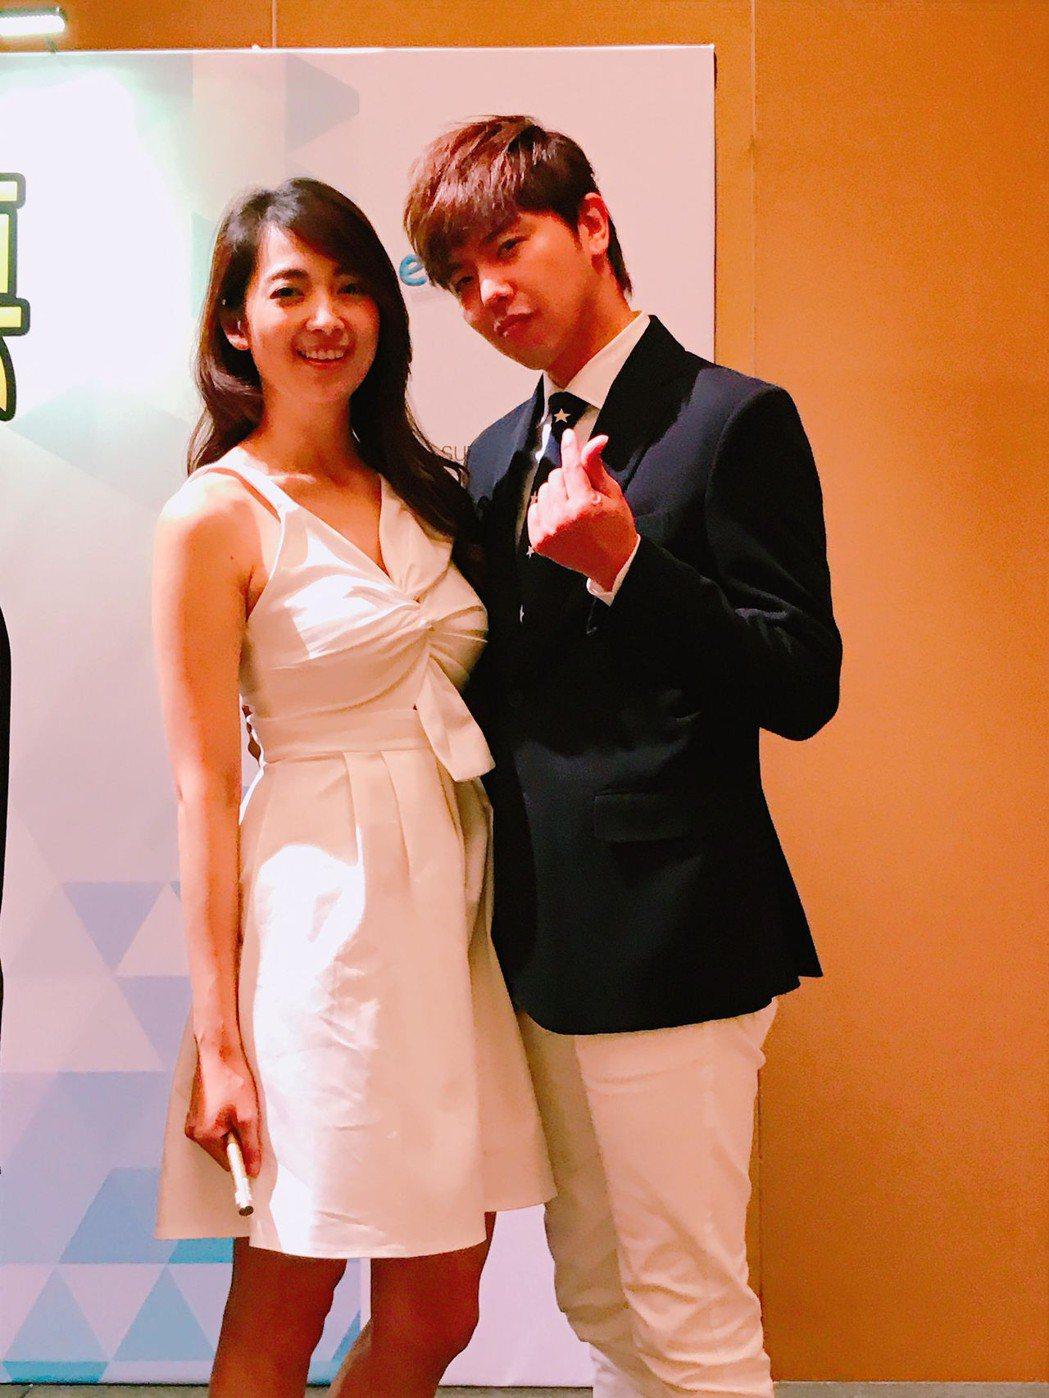 阿喜與黃鴻升主演新加坡電影「超磅名模」。圖/天晴娛樂提供